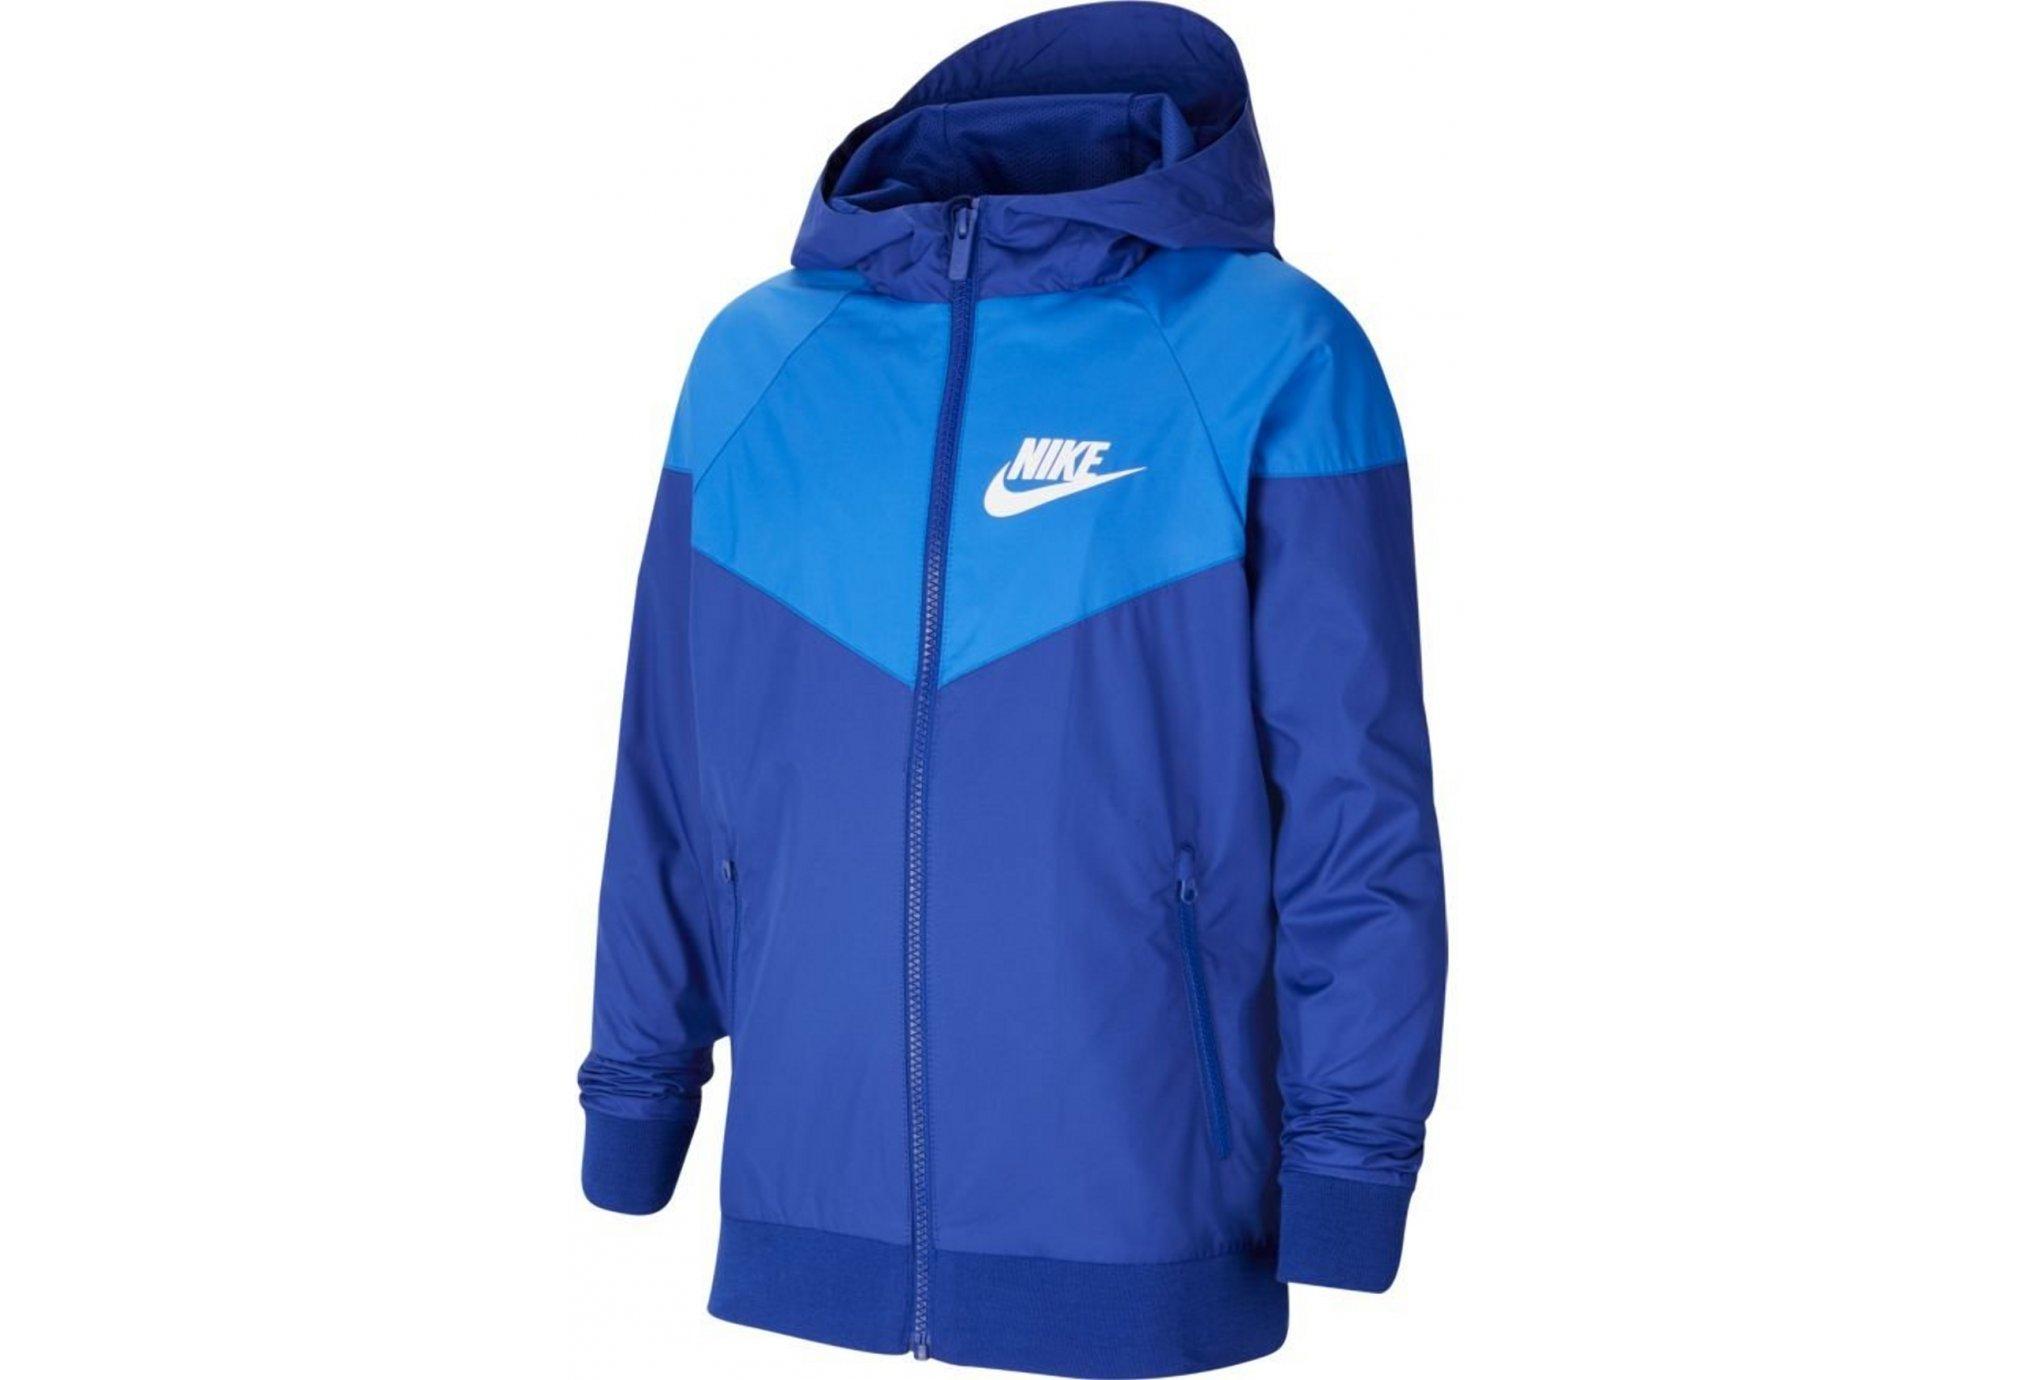 Nike Windrunner Junior vêtement running homme